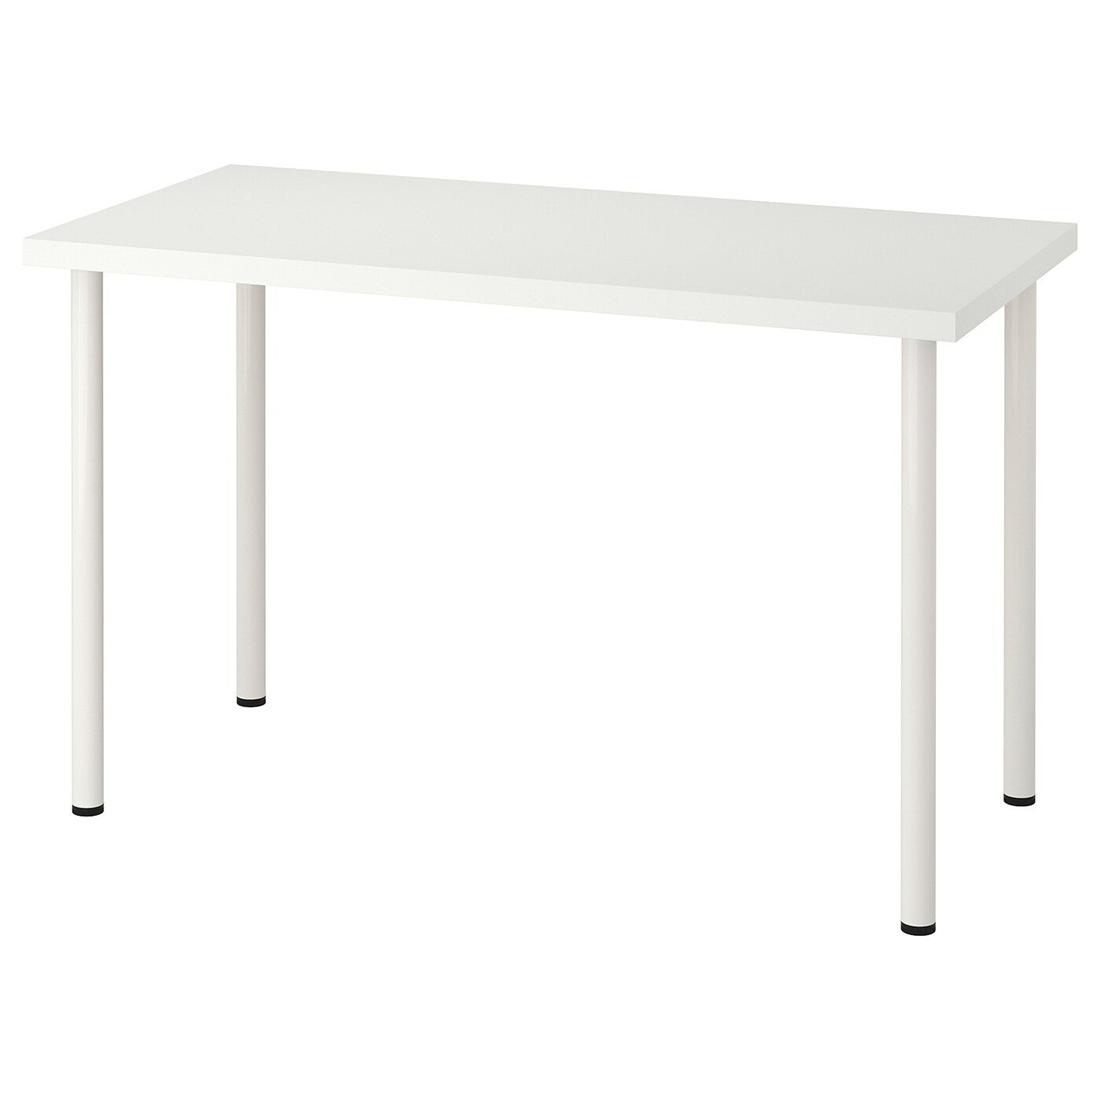 Письменный стол ЛИННМОН / АДИЛЬС  392.794.64